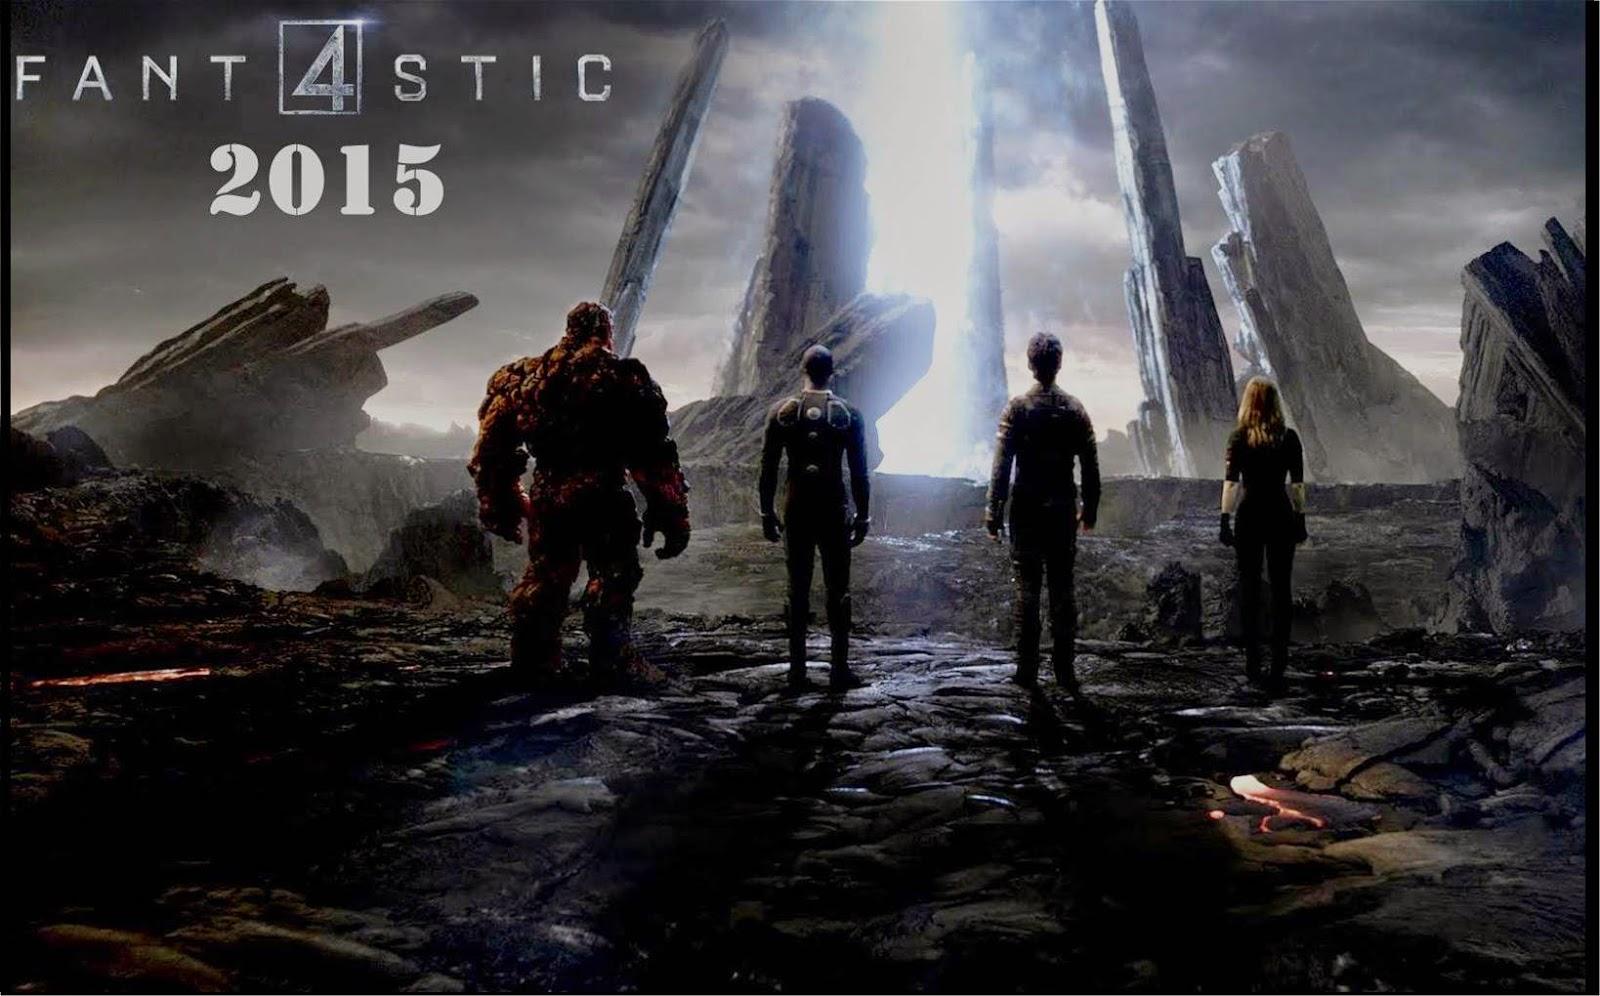 Fantastic Four (2015) Subtitle Indonesia